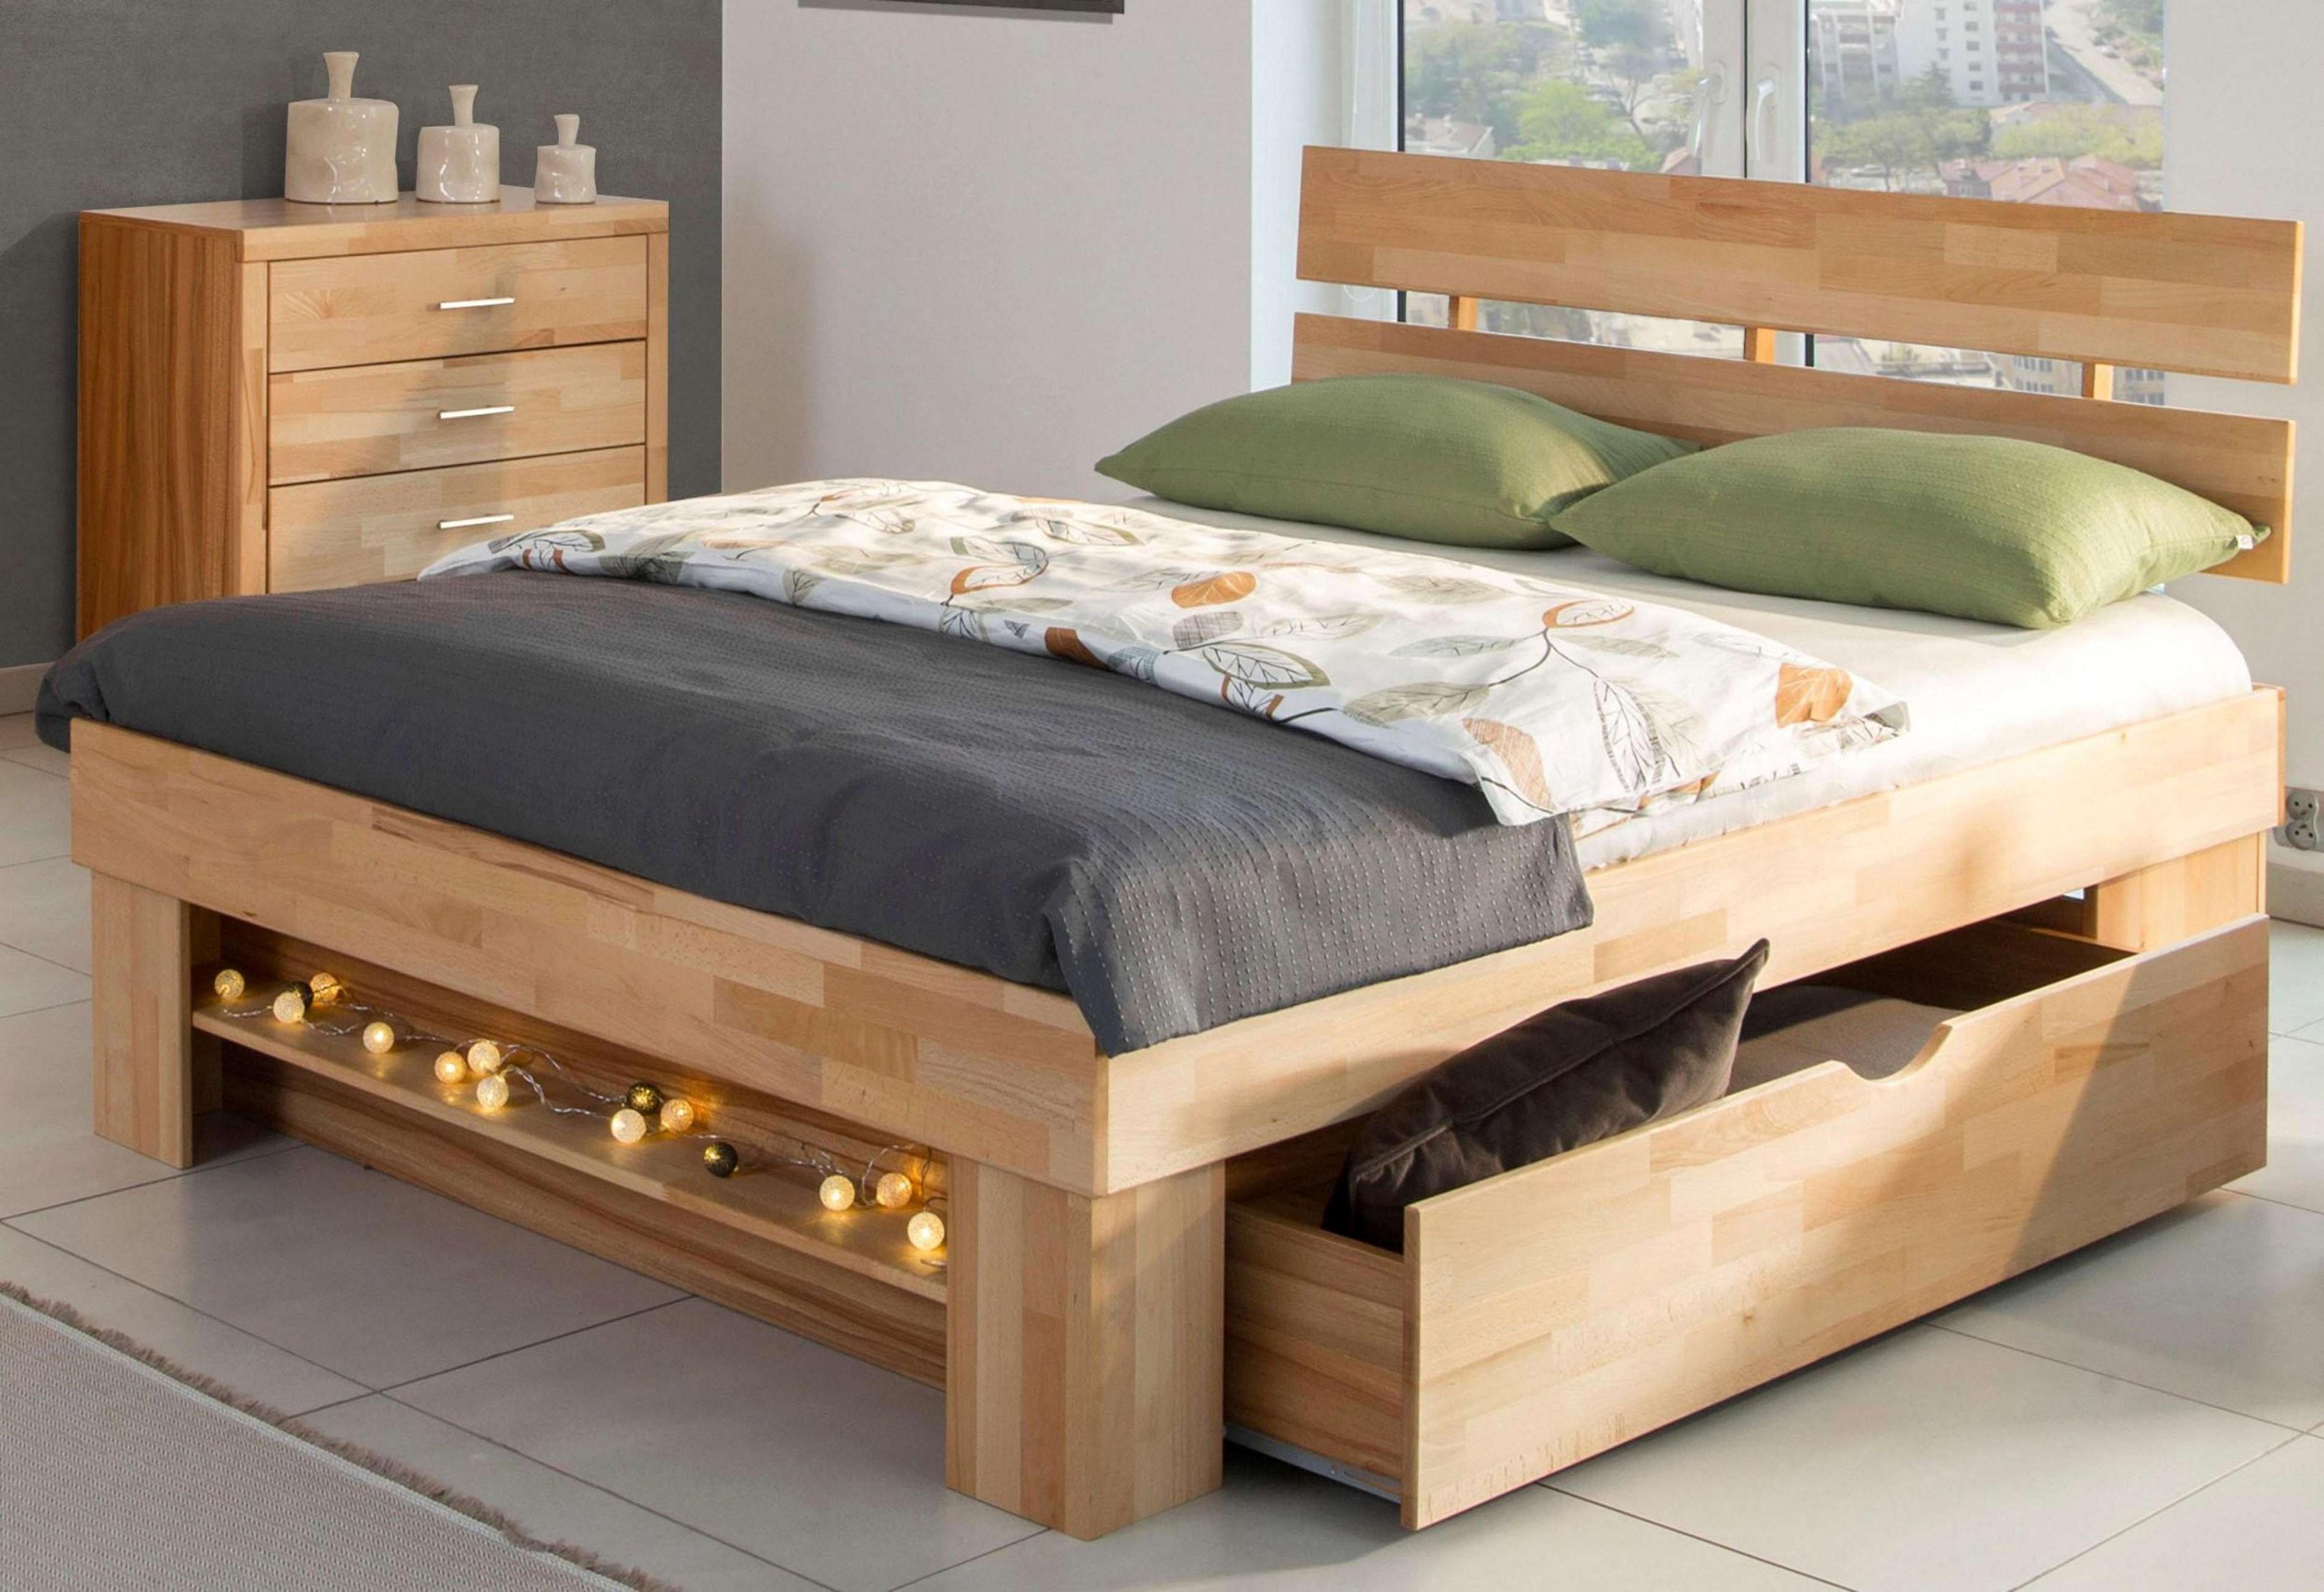 Phänomenal Boxspring Matratze Für Normales Bett  The Kreischer Mansion von Boxspring Matratze Für Normales Bett Bild